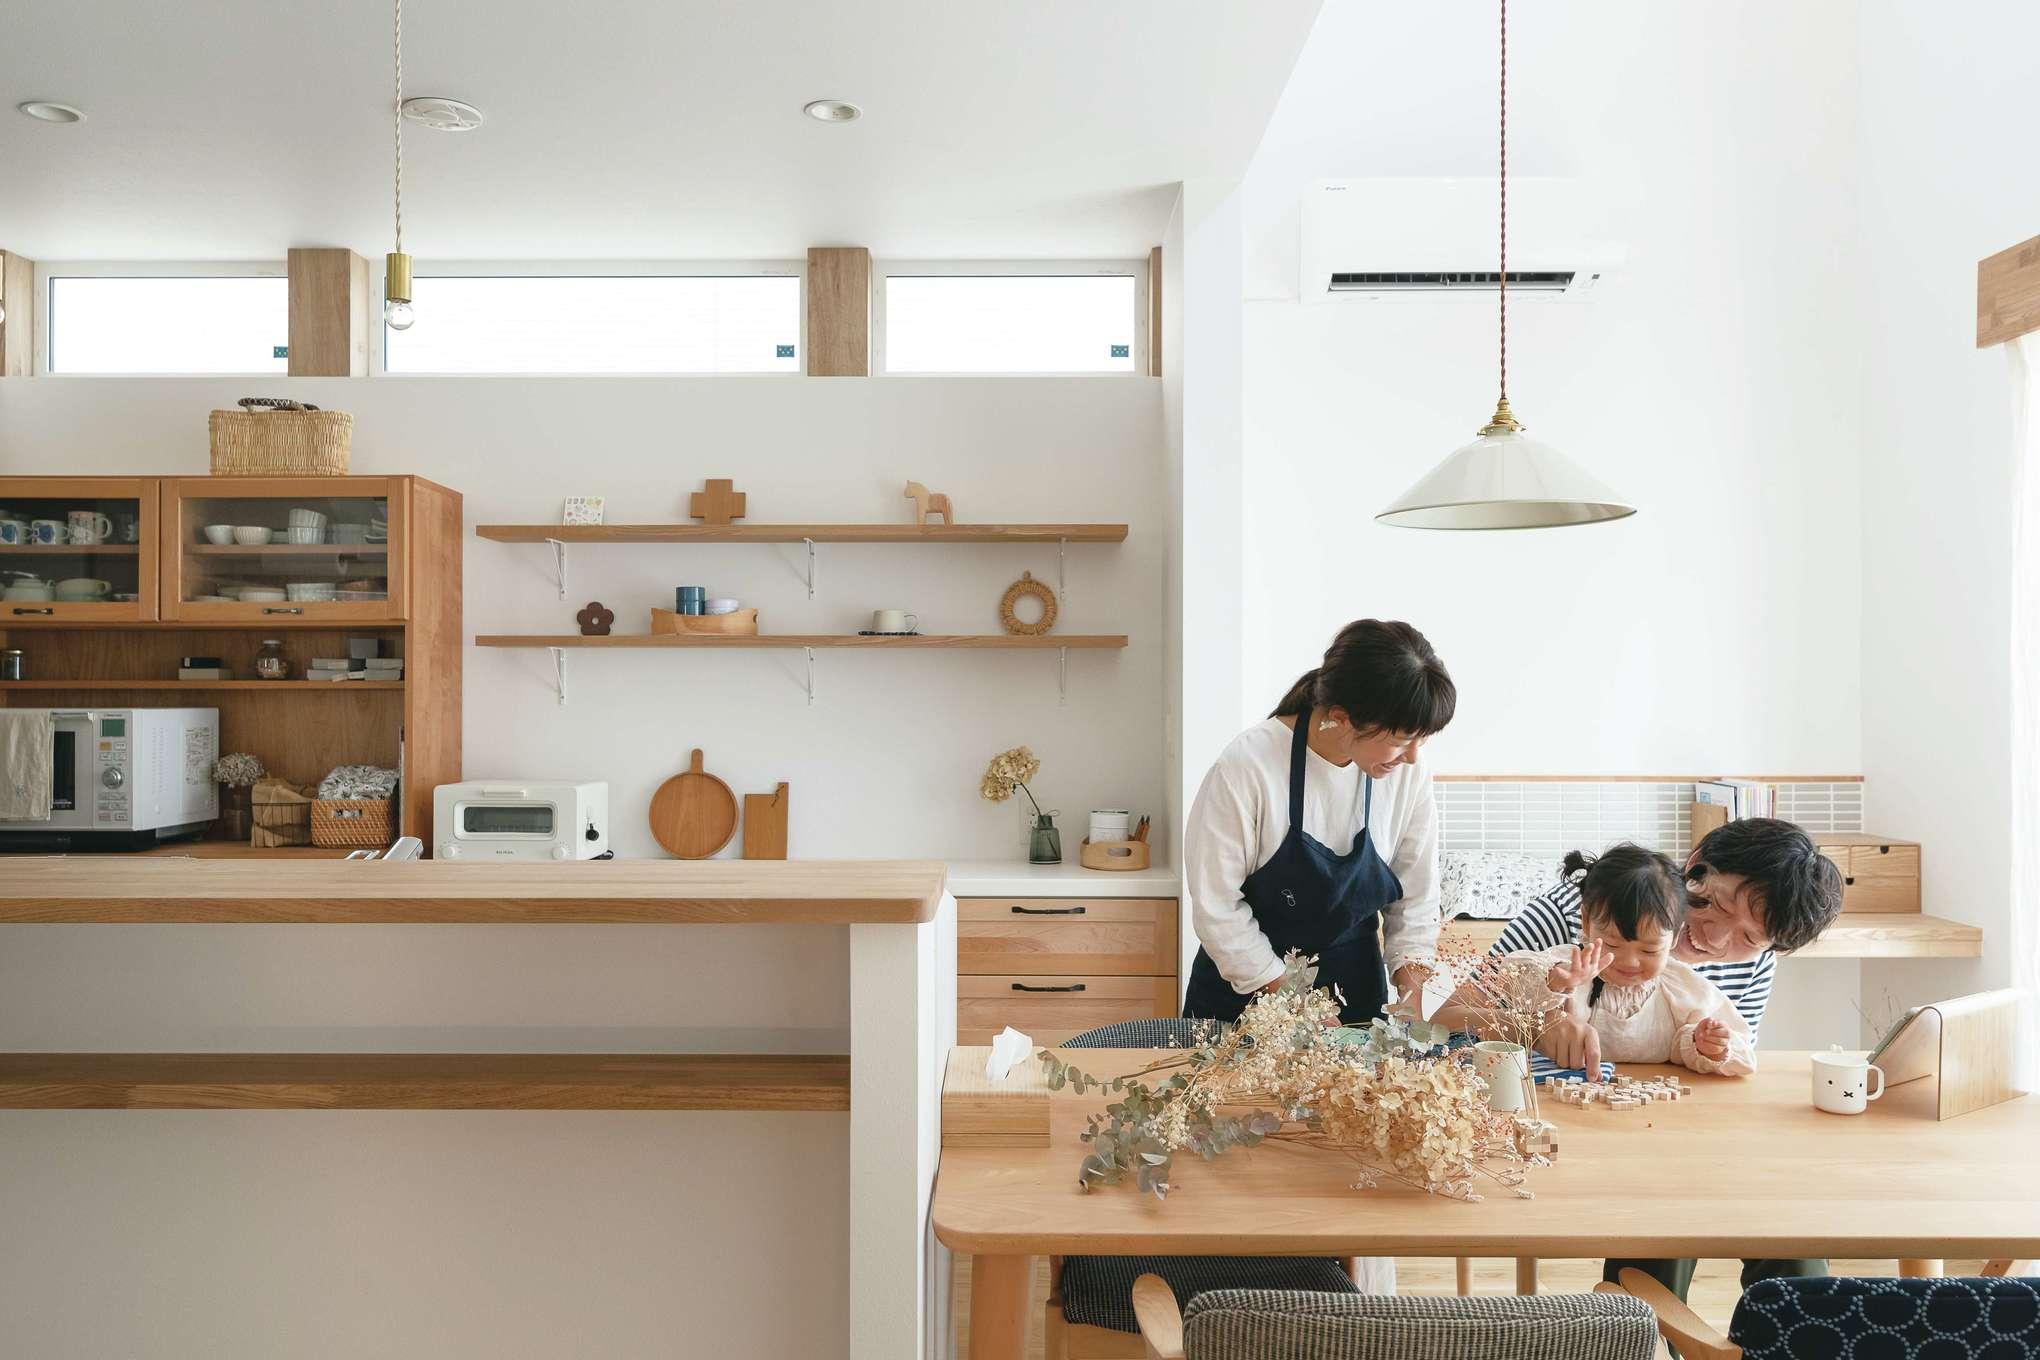 ainoa.life くらはし建築【デザイン住宅、収納力、省エネ】キッチンとダイニングが一直線に並び、回遊できるレイアウトを採用。ダイニングの奥にはタイルをあしらったカウンターを設け、パソコンや家事などに使う。『くらはし建築』は設計前にお宅訪問するのが恒例。どんな暮らしをしているか、何を大切にしているかを知ることで、より本質的な提案をしたいから。事前に採寸した食器棚がピタリと収まり、キッチンバックに並んだ北欧雑貨やマルシェで買った日用品が、日々の暮らしに彩りを与えてくれる